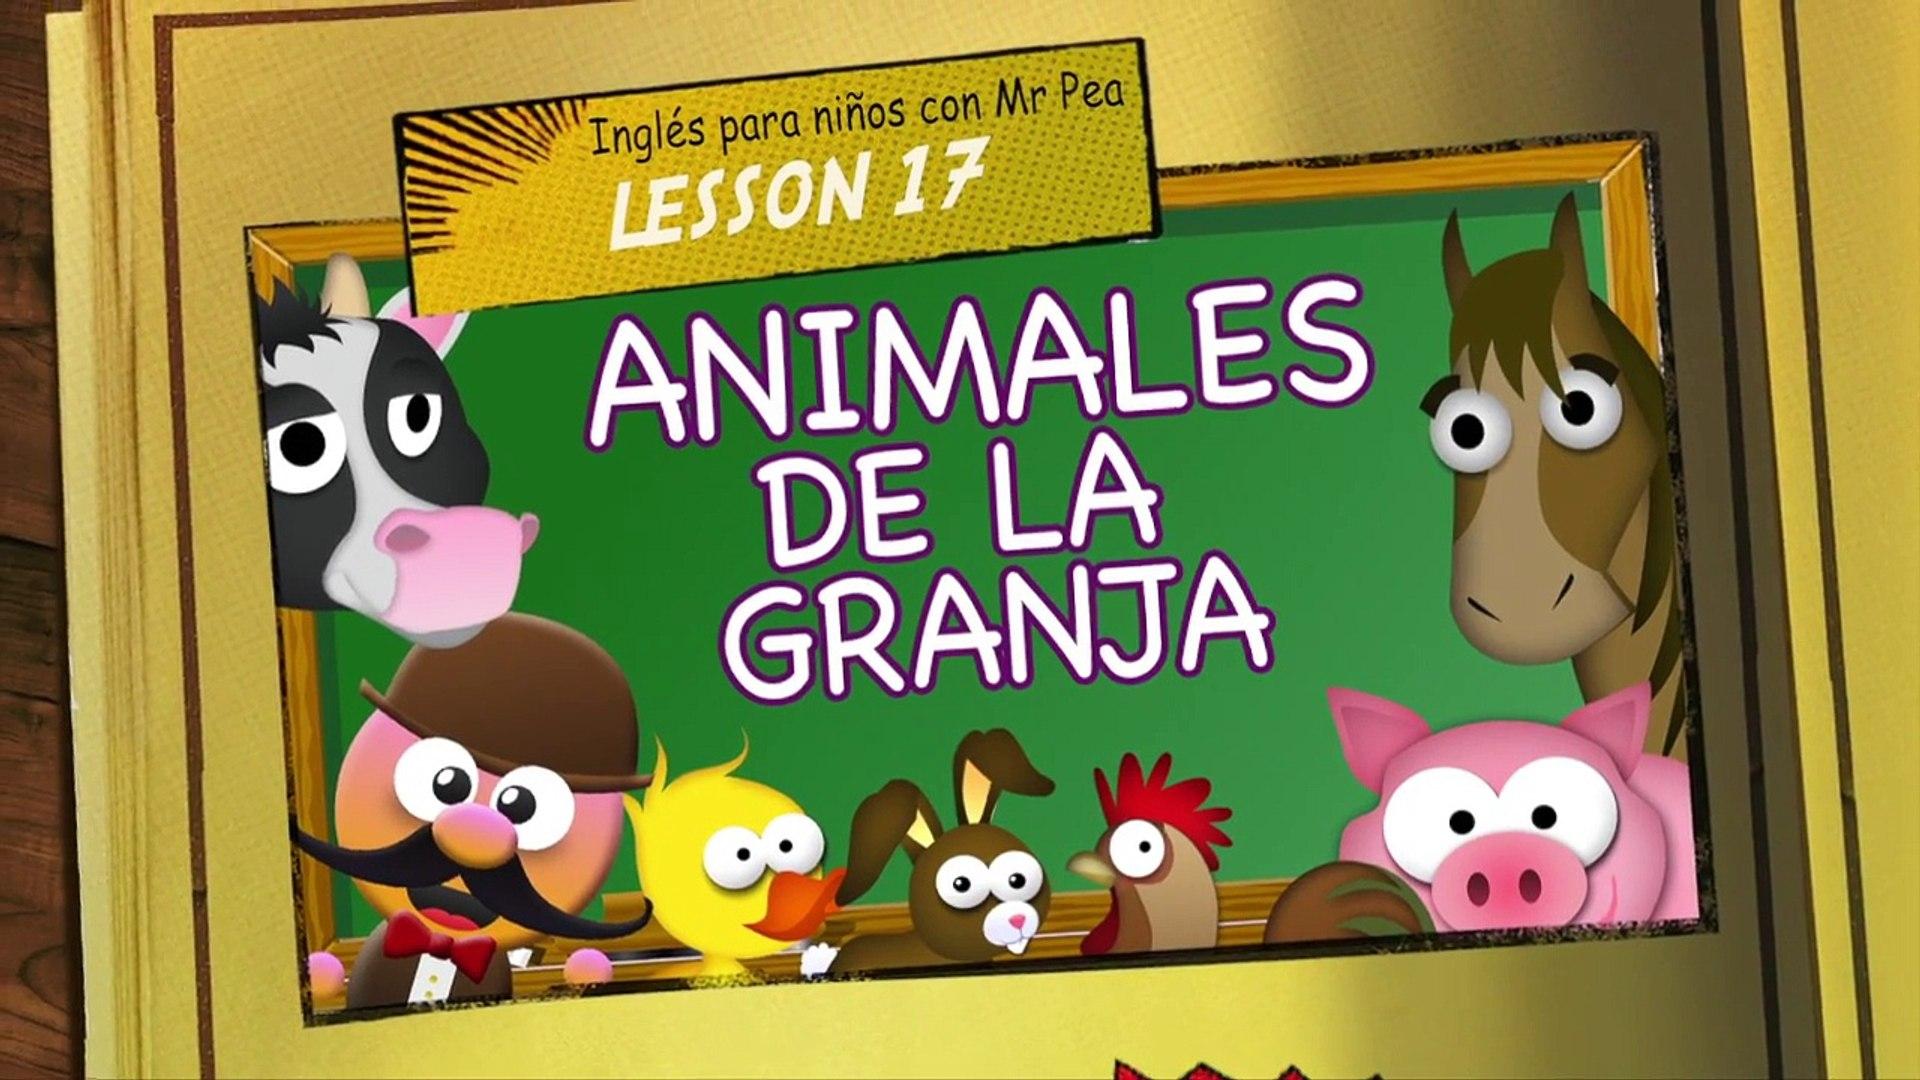 Animales De La Granja En Ingles Inglés Para Niños Con Mr Pea Vídeo Dailymotion